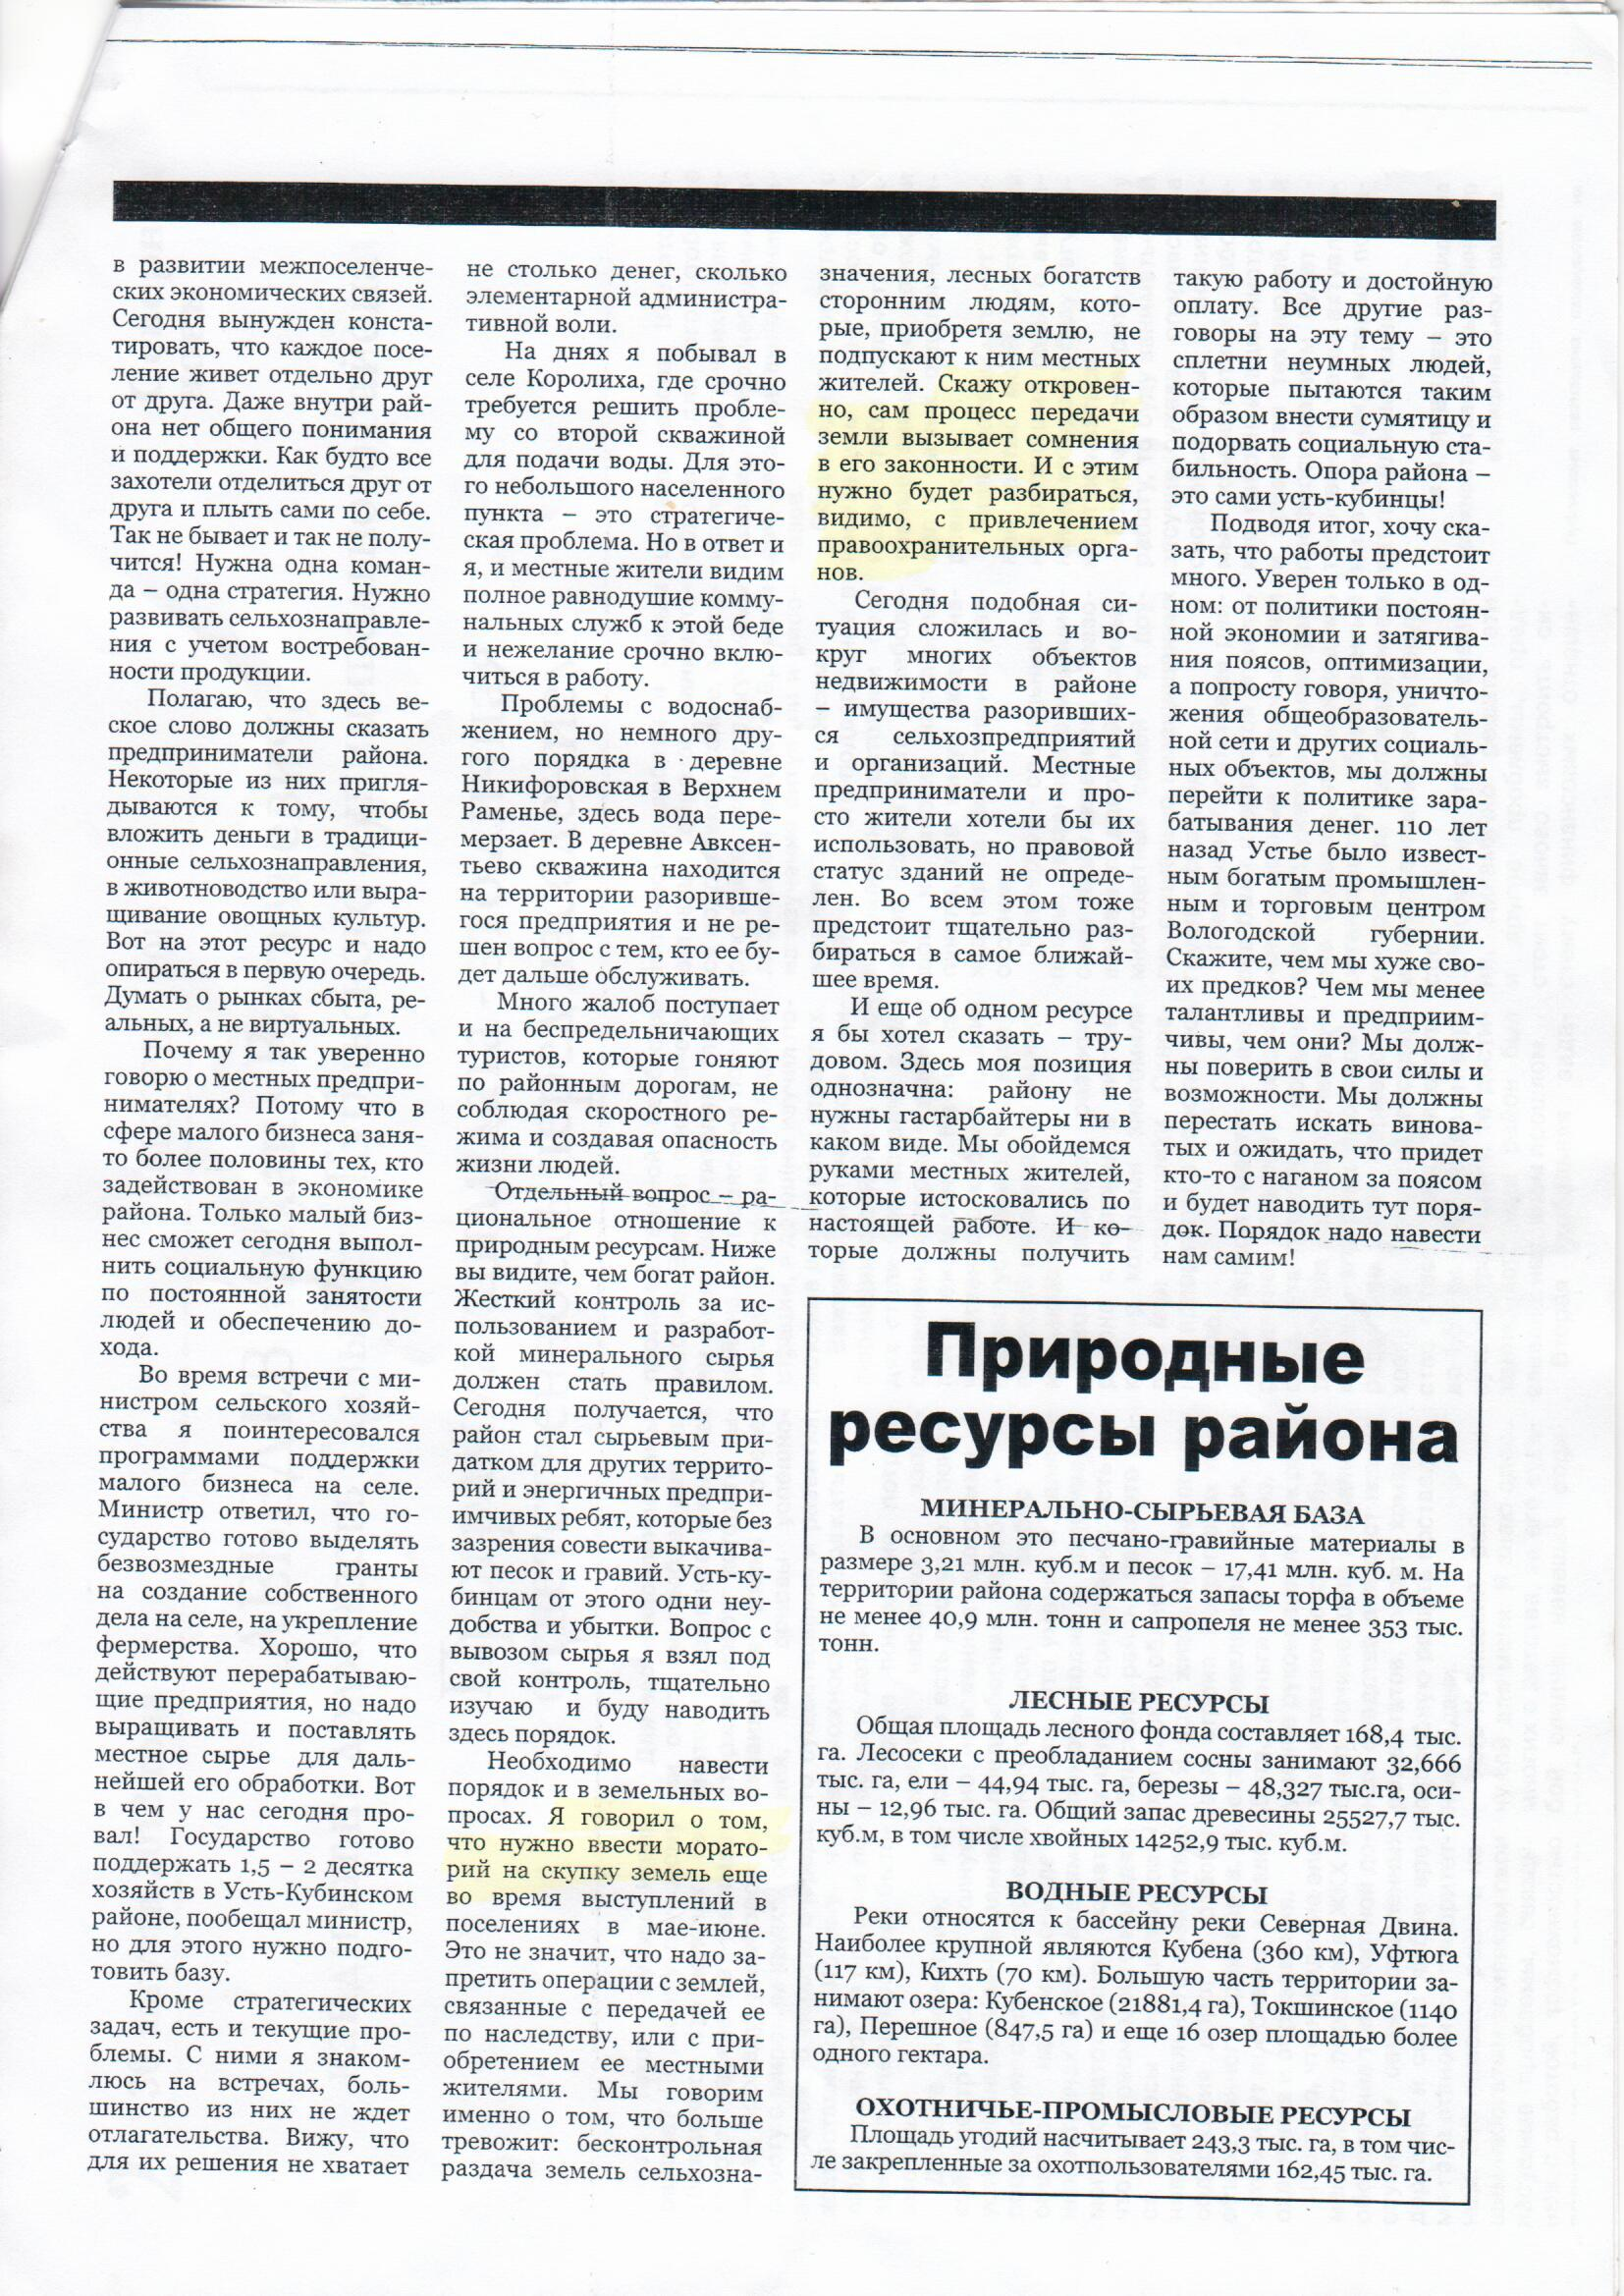 Из Программы Главы Усть-Кубинского района Лебедева Михаила